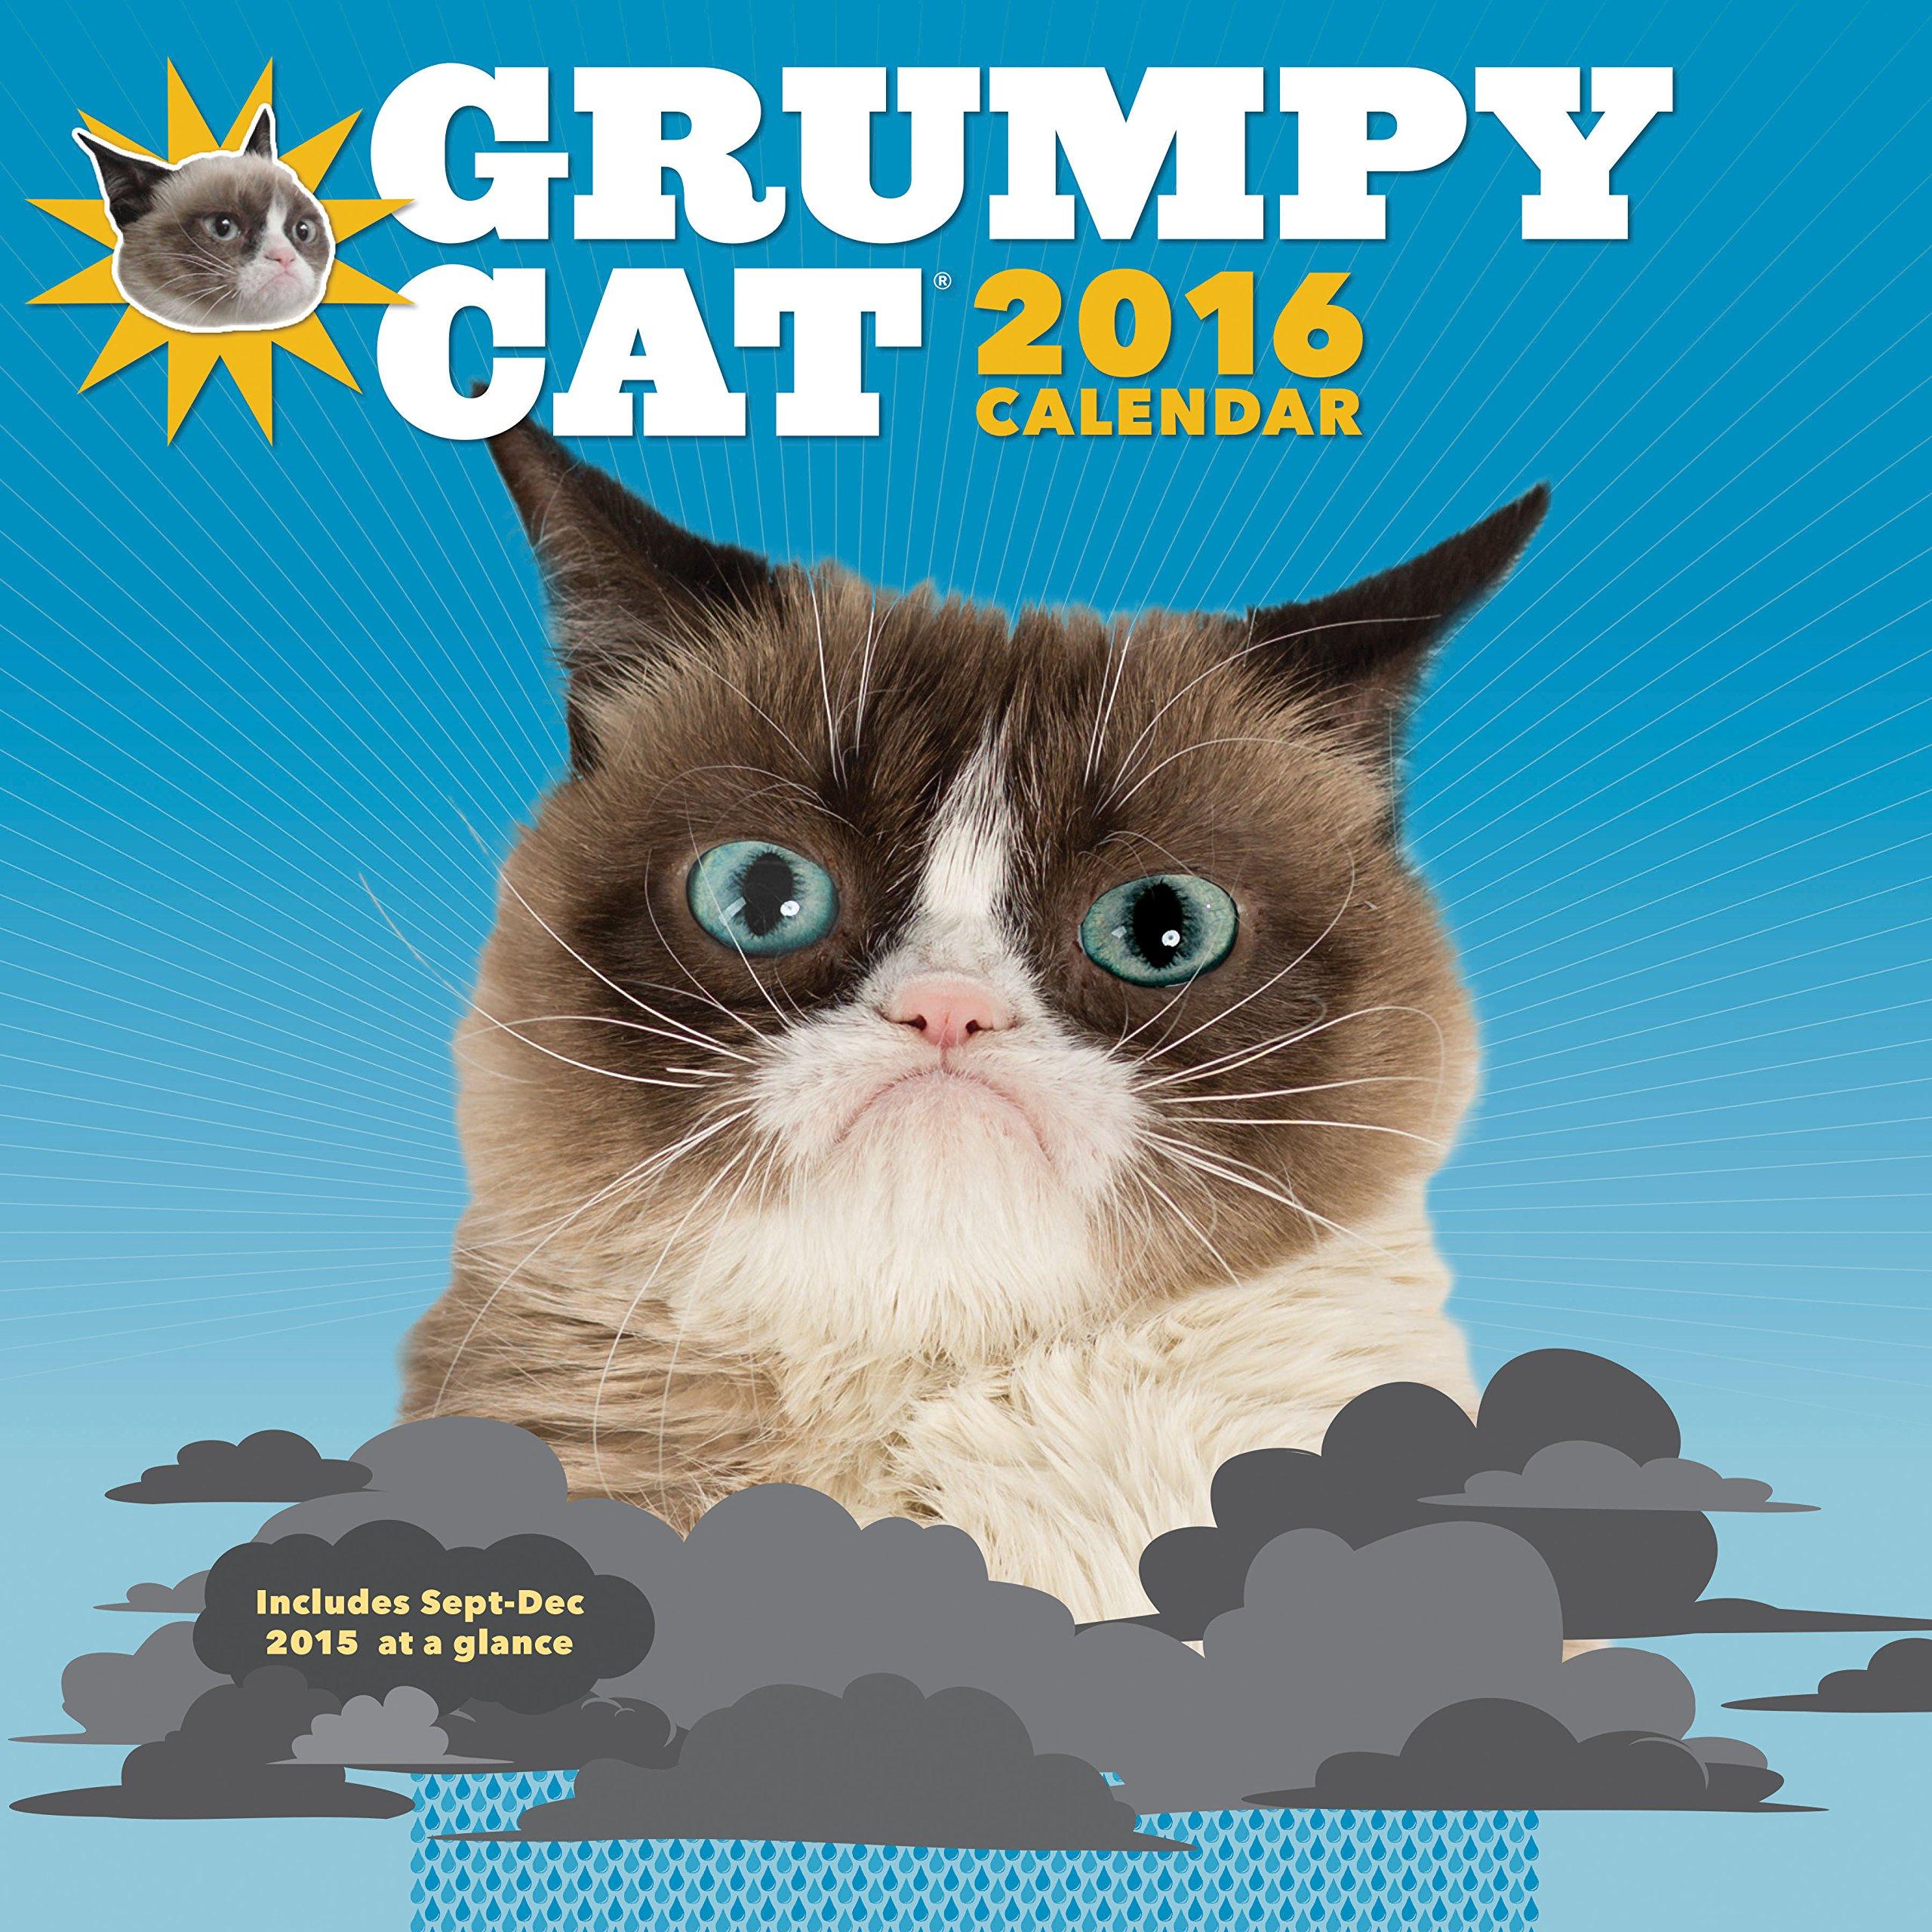 Grumpy Cat 2016 Wall Calendar product image